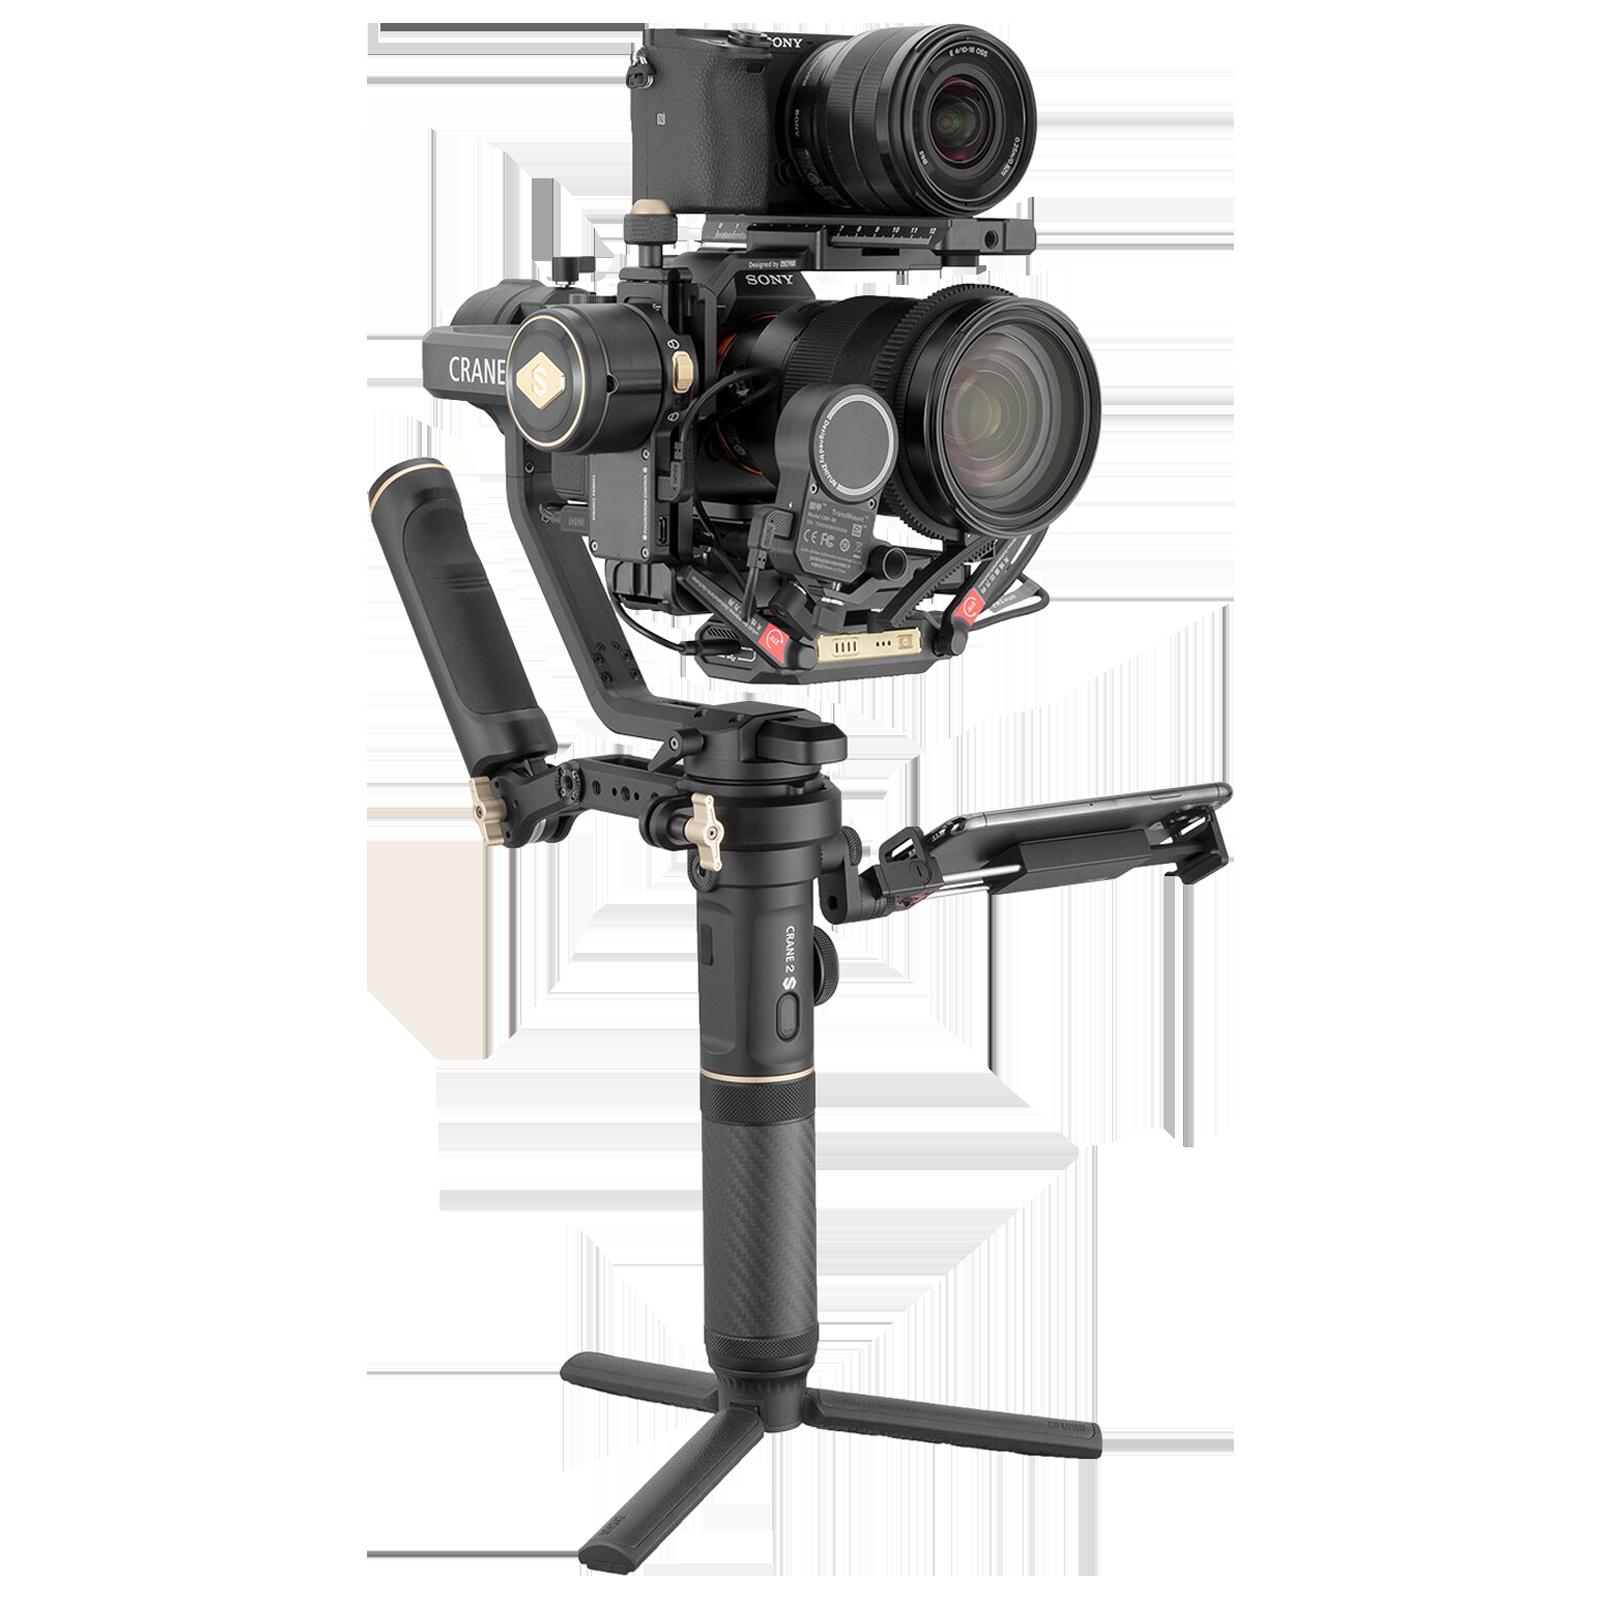 Zhiyun Crane 2S Pro Gimbal ForDSLR Camera and Mirrorless Camera (Six Gimbal Modes, ZH.00000009.01, Black)_1